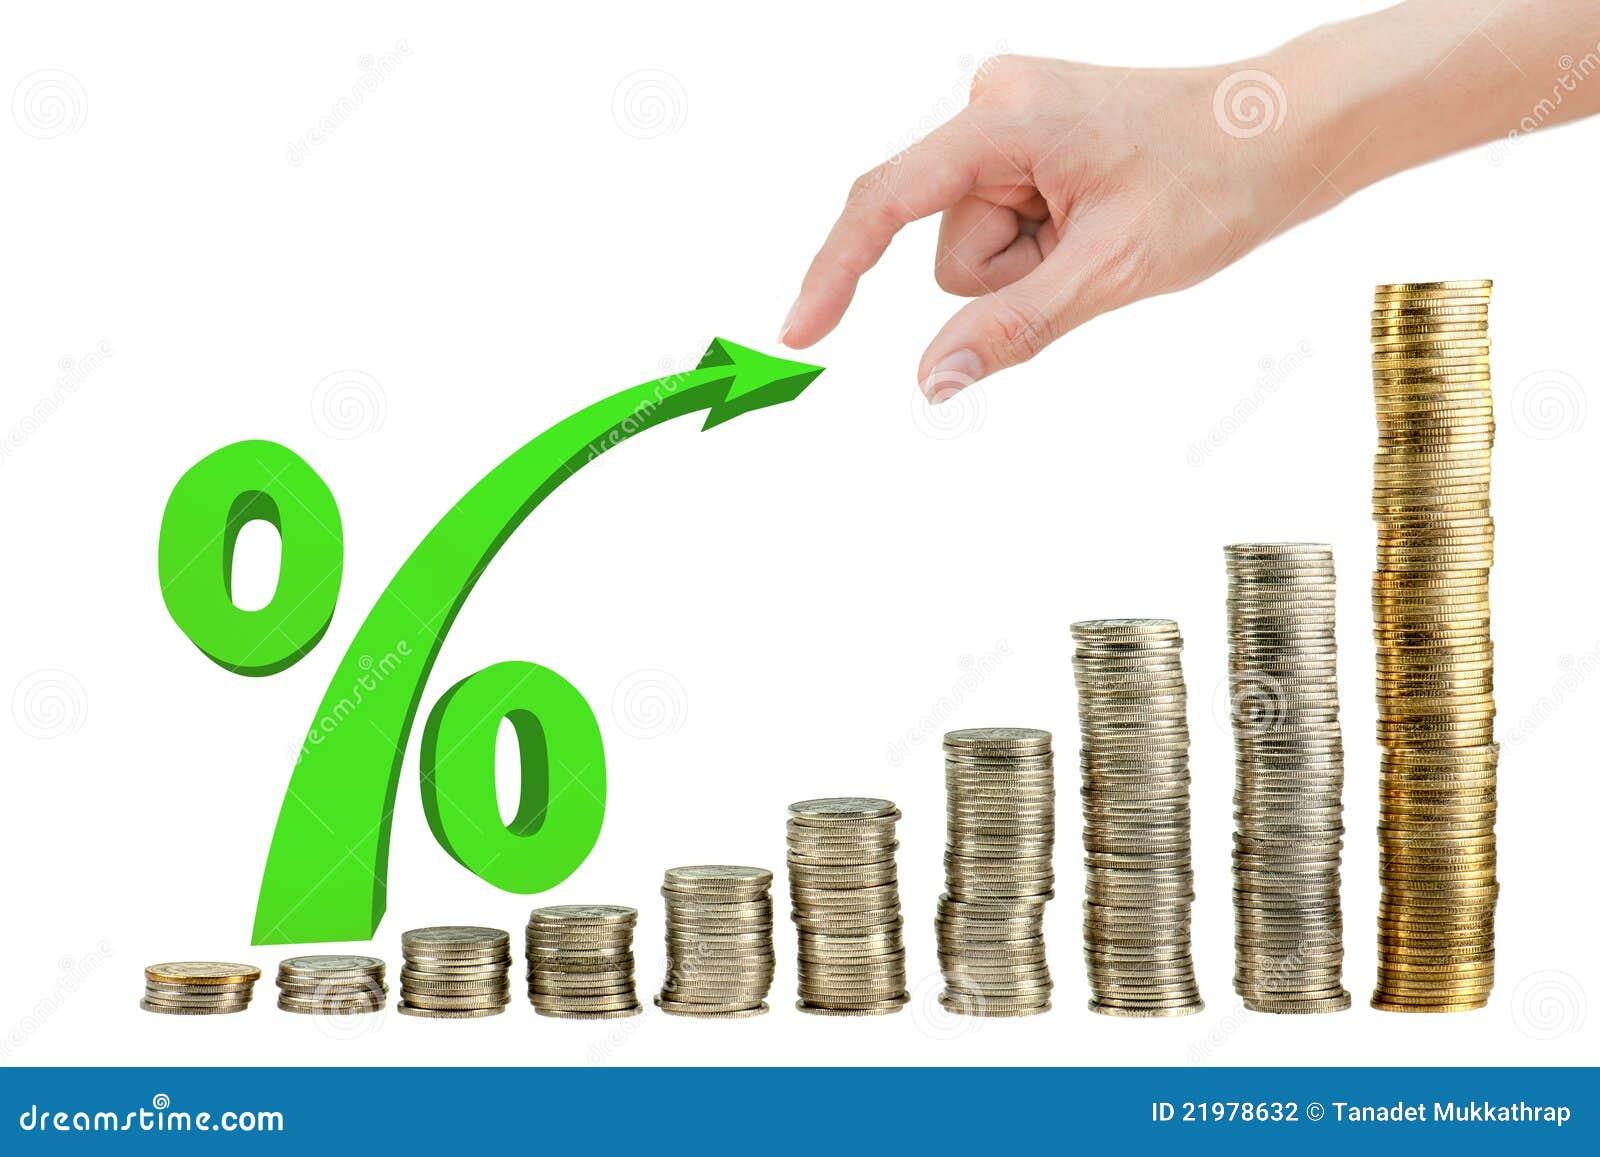 проценты по займам в ну